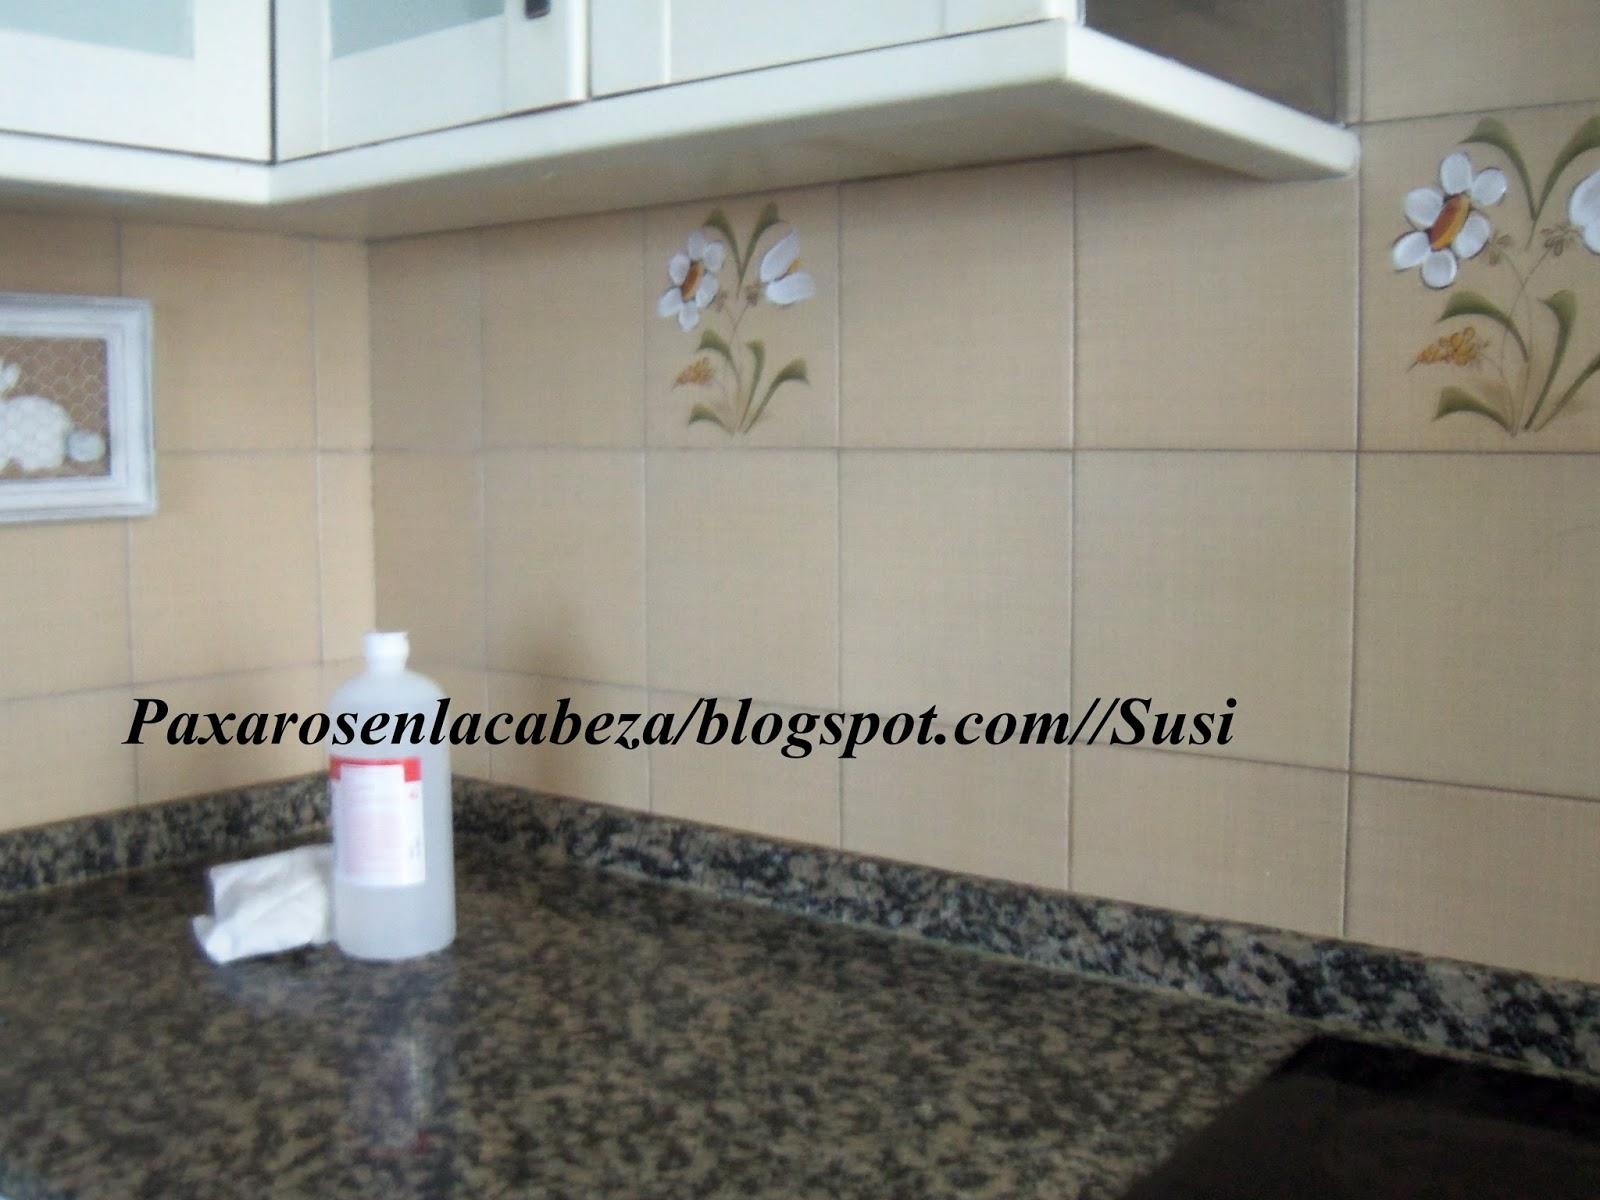 P xaros en la cabeza he pintado los azulejos de la cocina - Pintura para azulejos de cocina ...